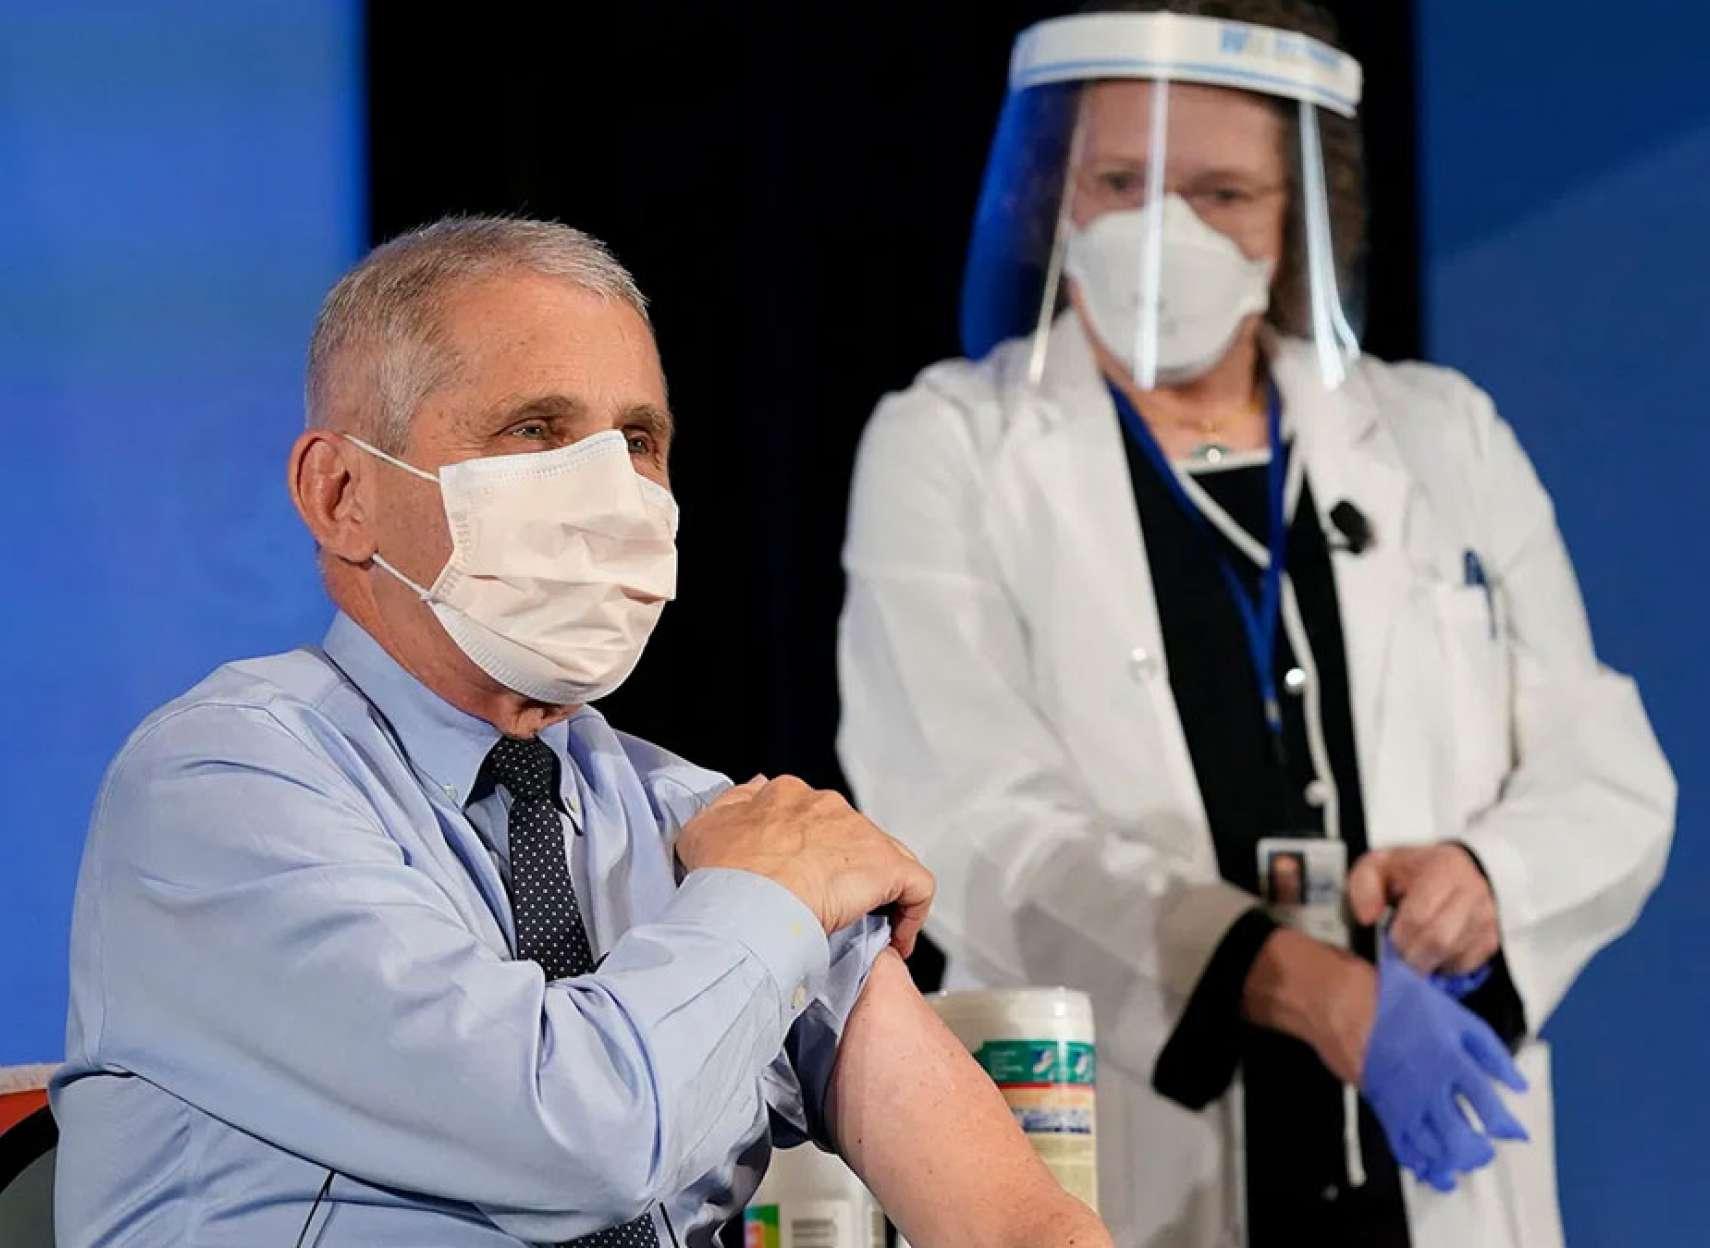 اخبار-جهان-متخصصان-برای-مصونیت-کرونا-۹۰-درصد-مردم-باید-واکسن-بزنند